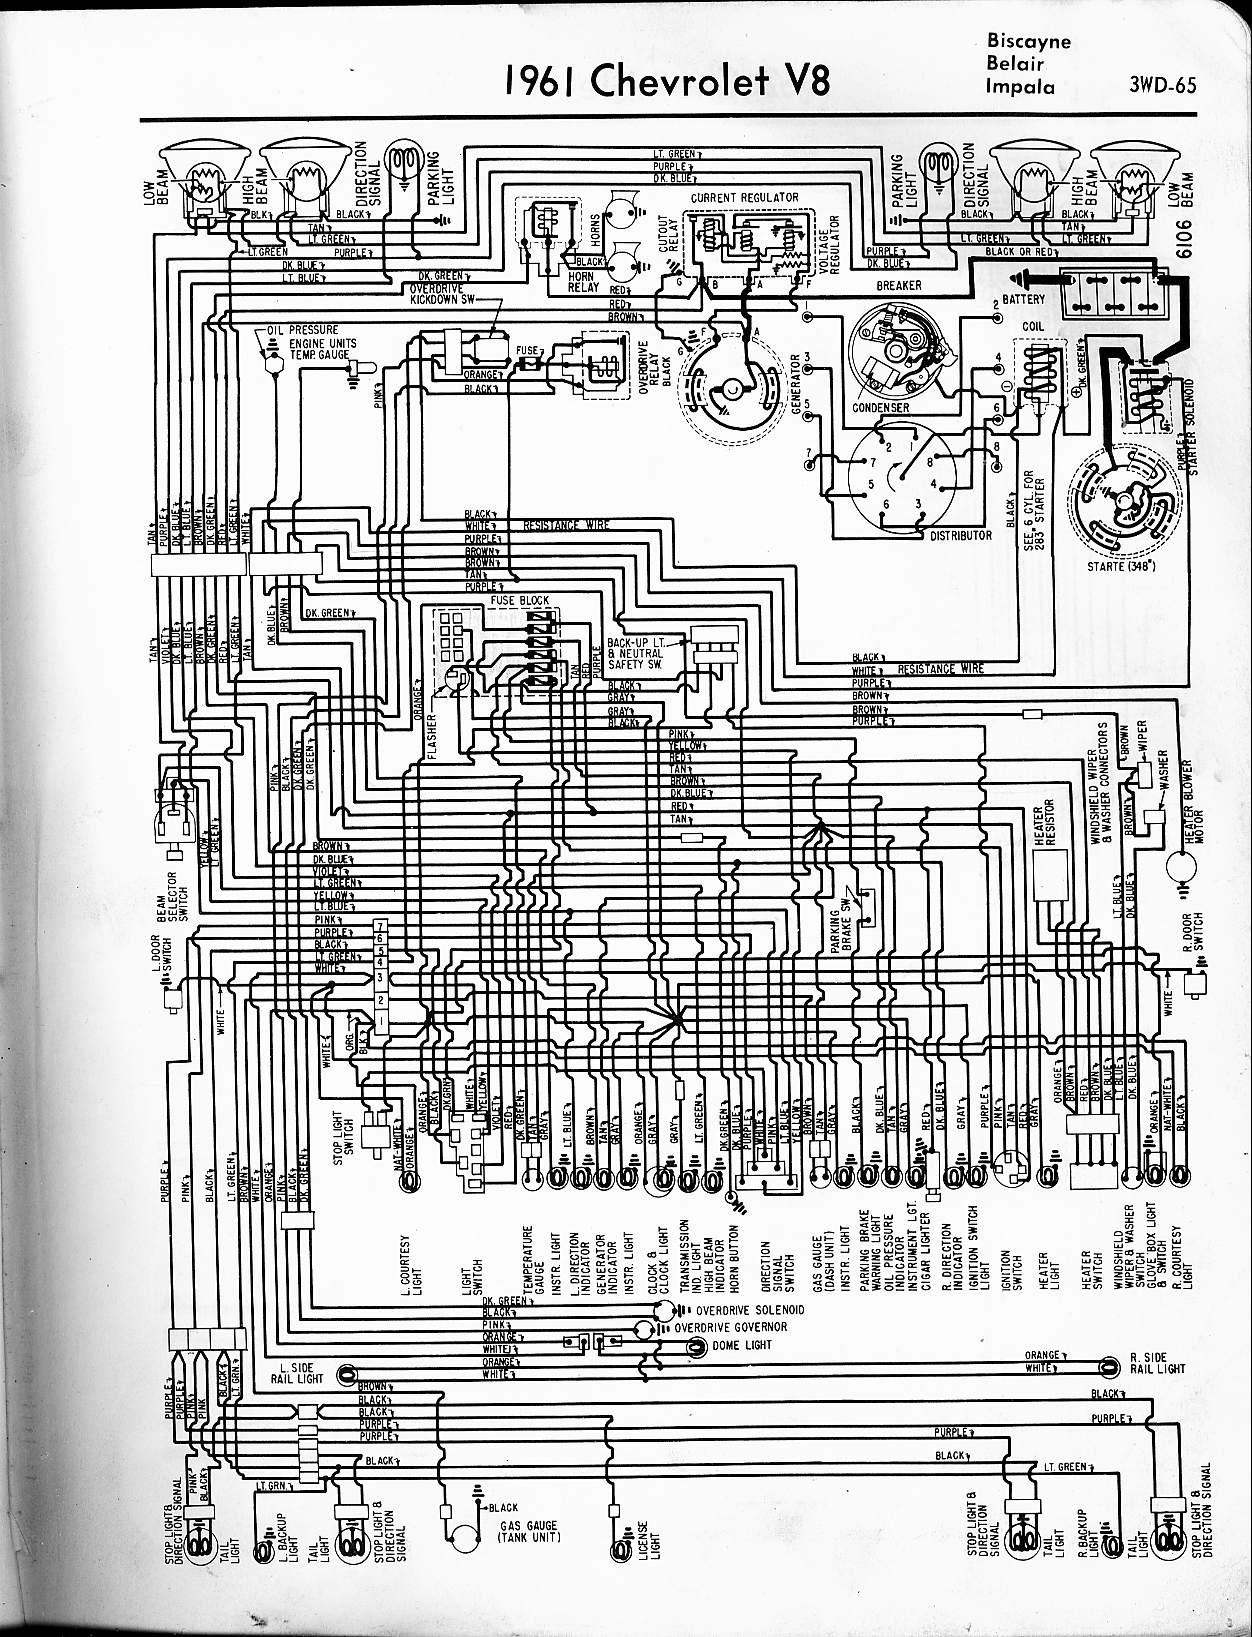 Astonishing 1965 Corvette Wiring Harness Diagram Data Schema Wiring Cloud Gufailluminateatxorg